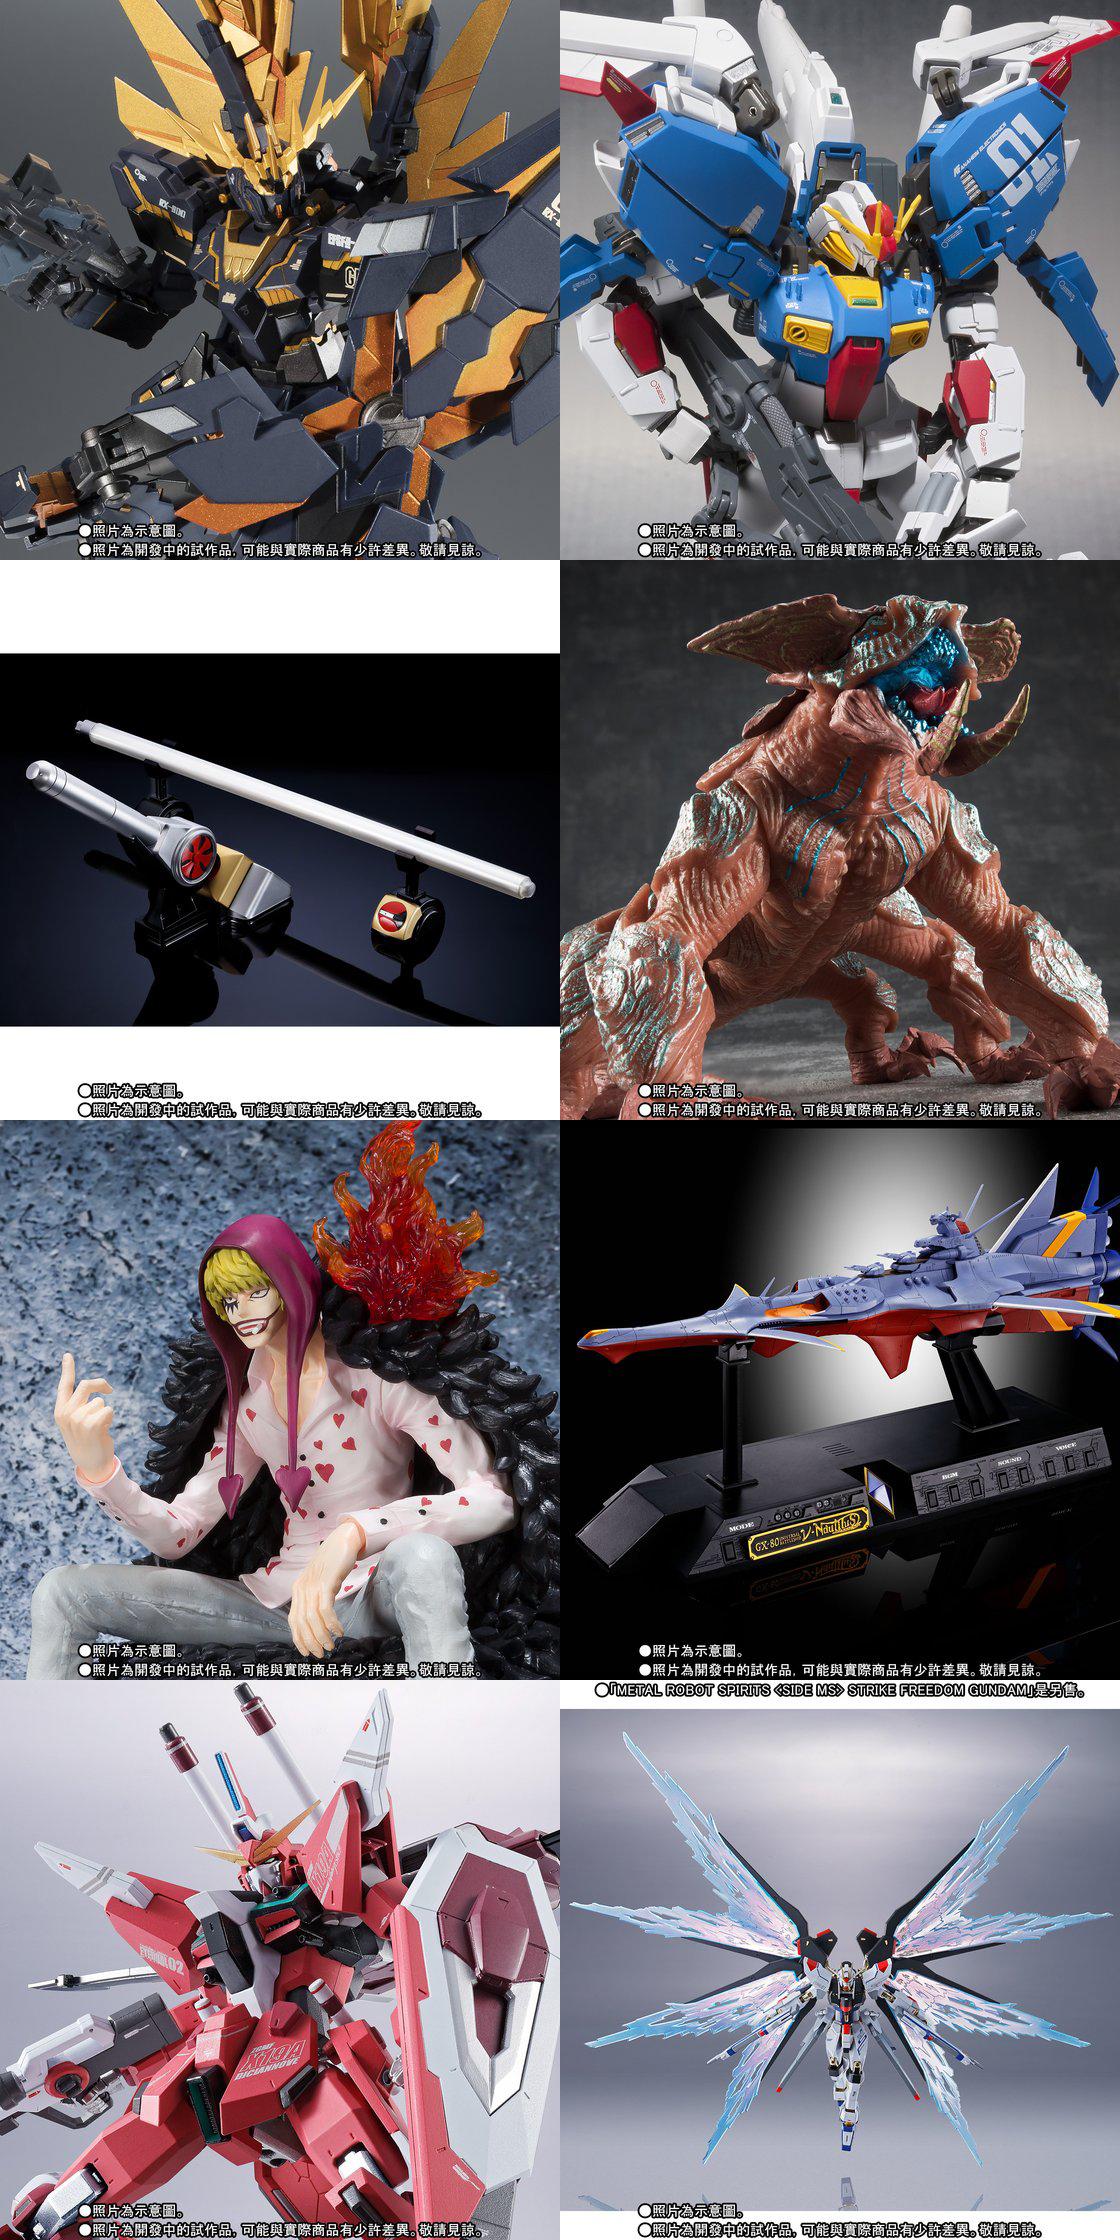 【PREMIUM BANDAI × 萬代收藏玩具官方展示空間】開幕一週年慶祝活動即將登場! 六款火熱新品搶先看!!